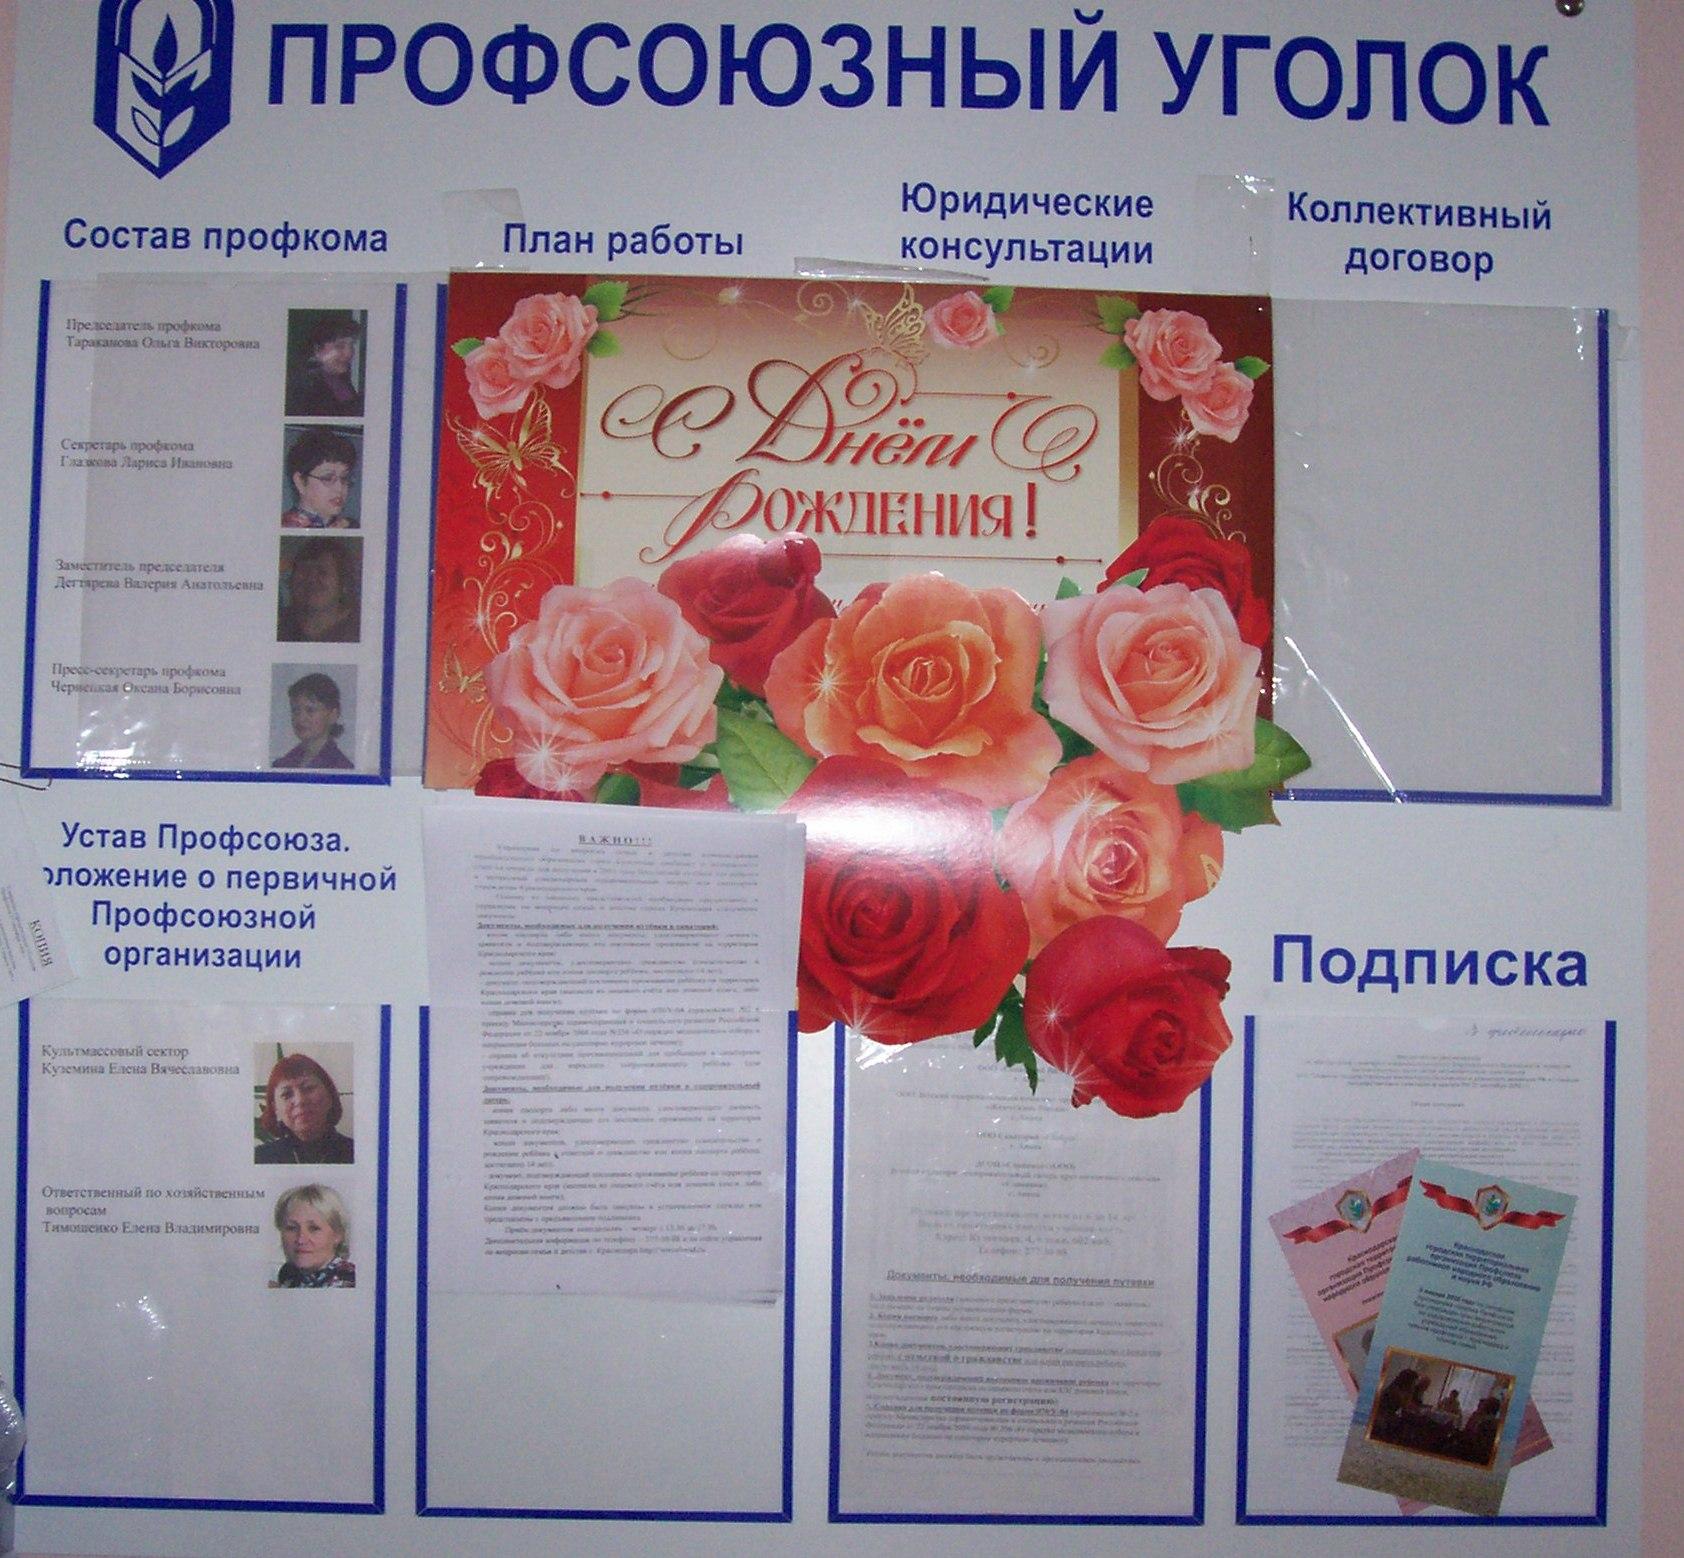 Профсоюзный уголок в детском саду оформление фото своими руками